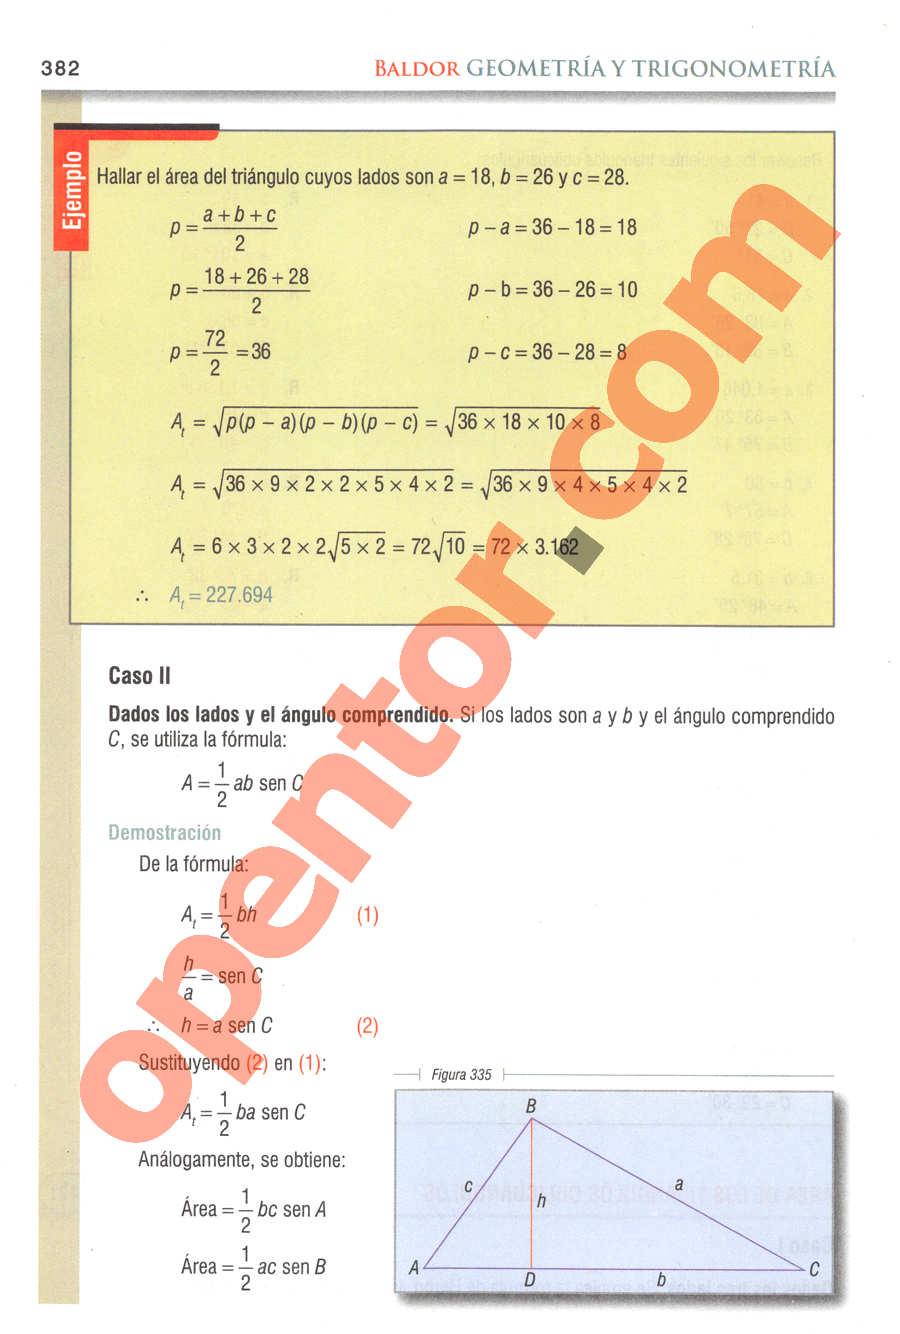 Geometría y Trigonometría de Baldor - Página 382